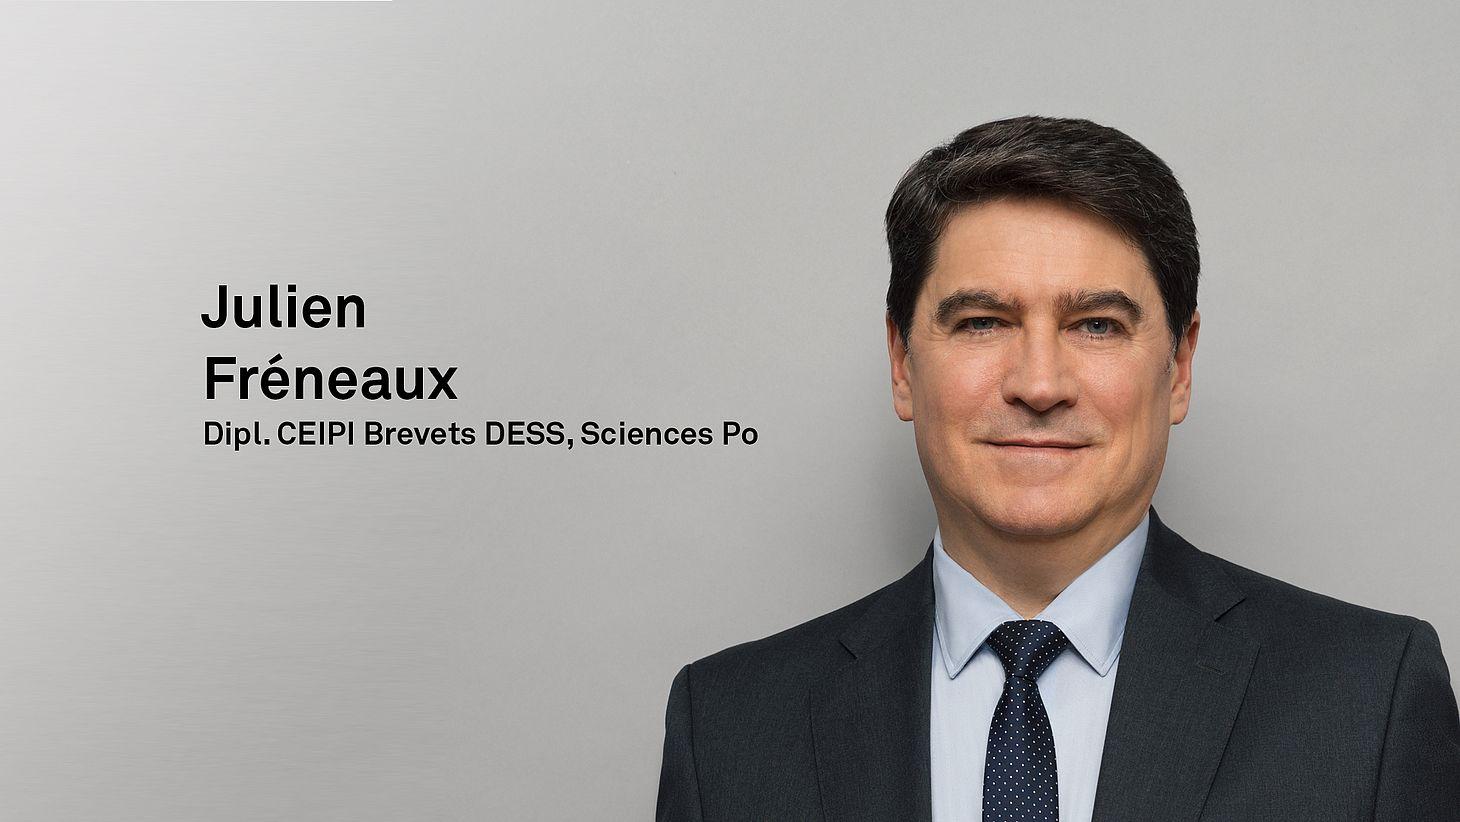 Dipl. CEIPI Brevets, DESS, Sciences-Po Julien Fréneaux